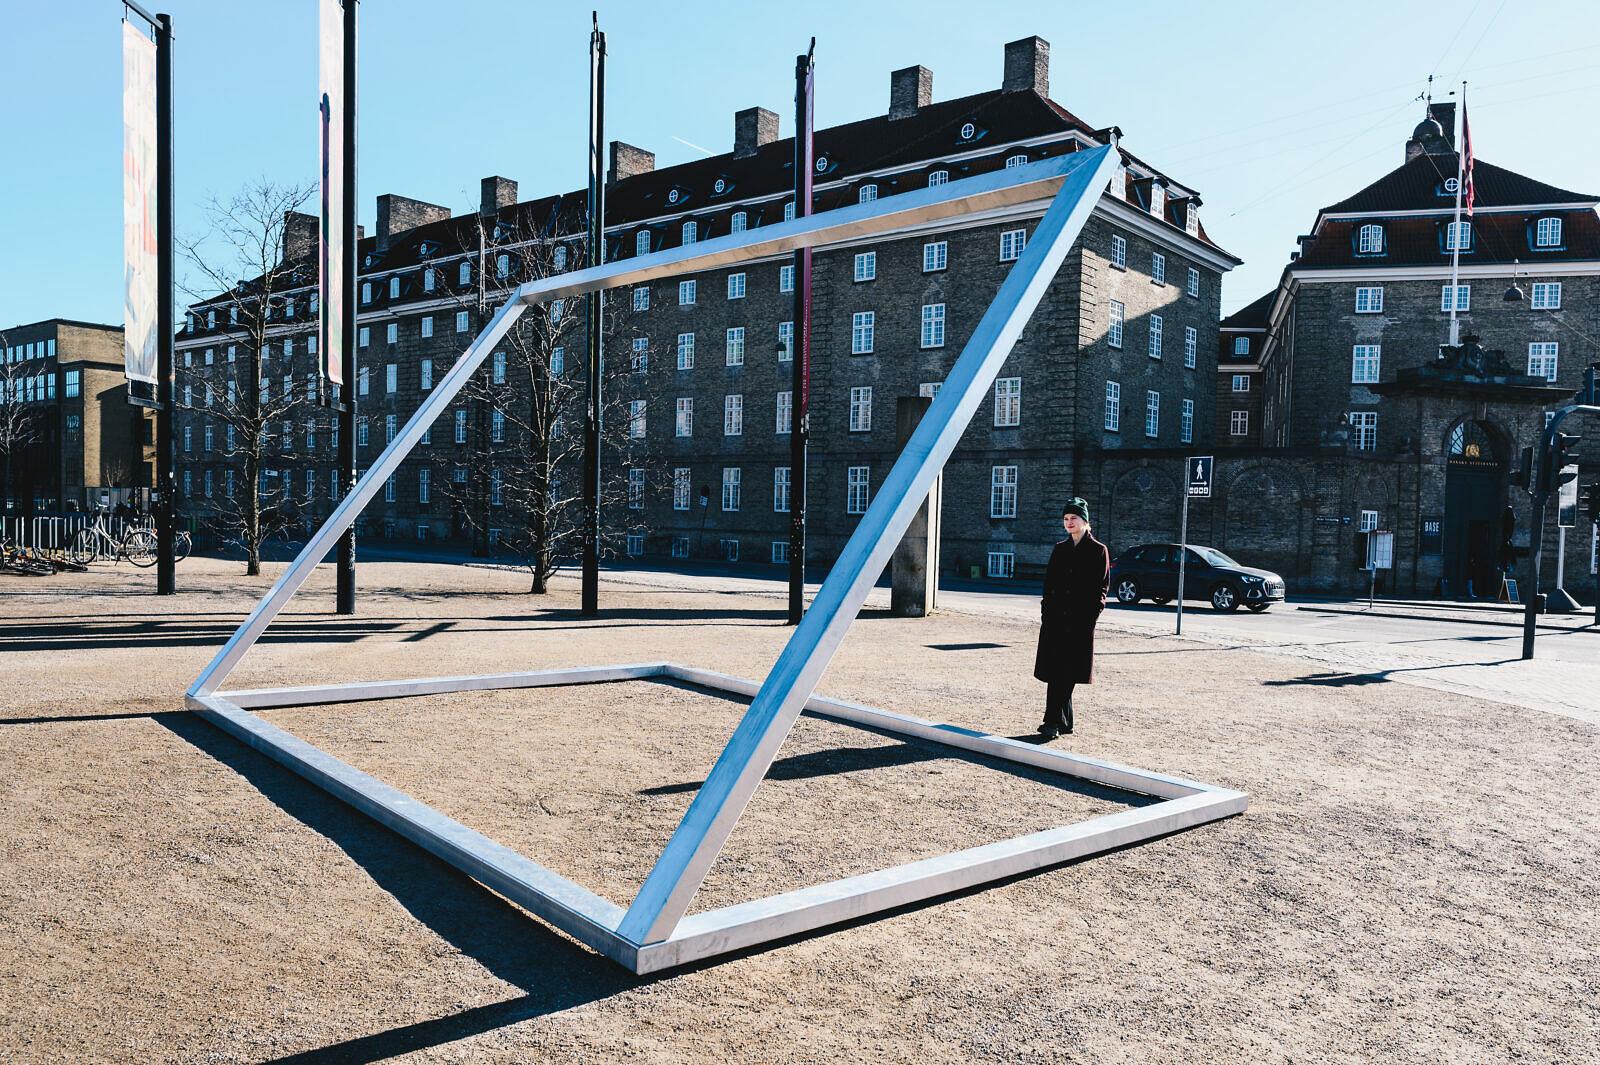 Pludselig var der skærme overalt. Benedikte Bjerre (f. 1987) har skabt omridset af en gigantisk bærbar computer. Foto: Benedikte Bjerre, Eee-O-Eleven, 2021.